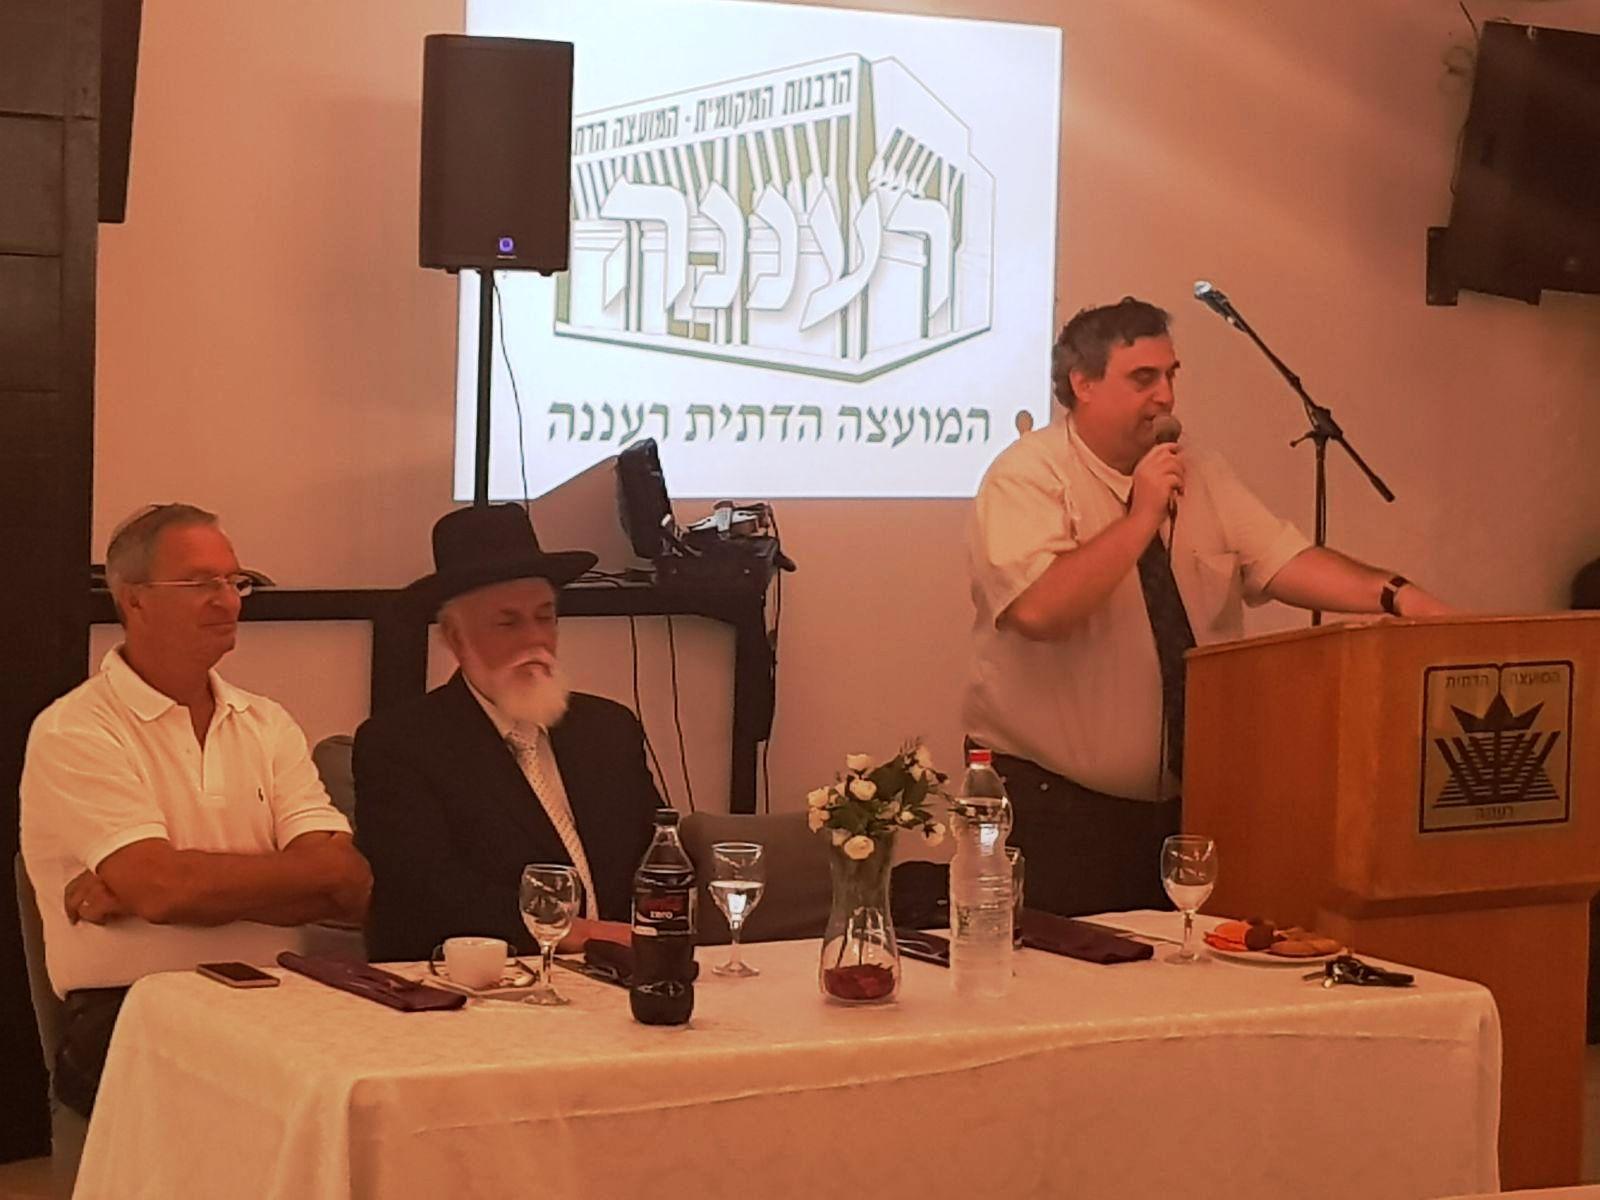 הצדעה לקהילות בתי הכנסת ברעננה.